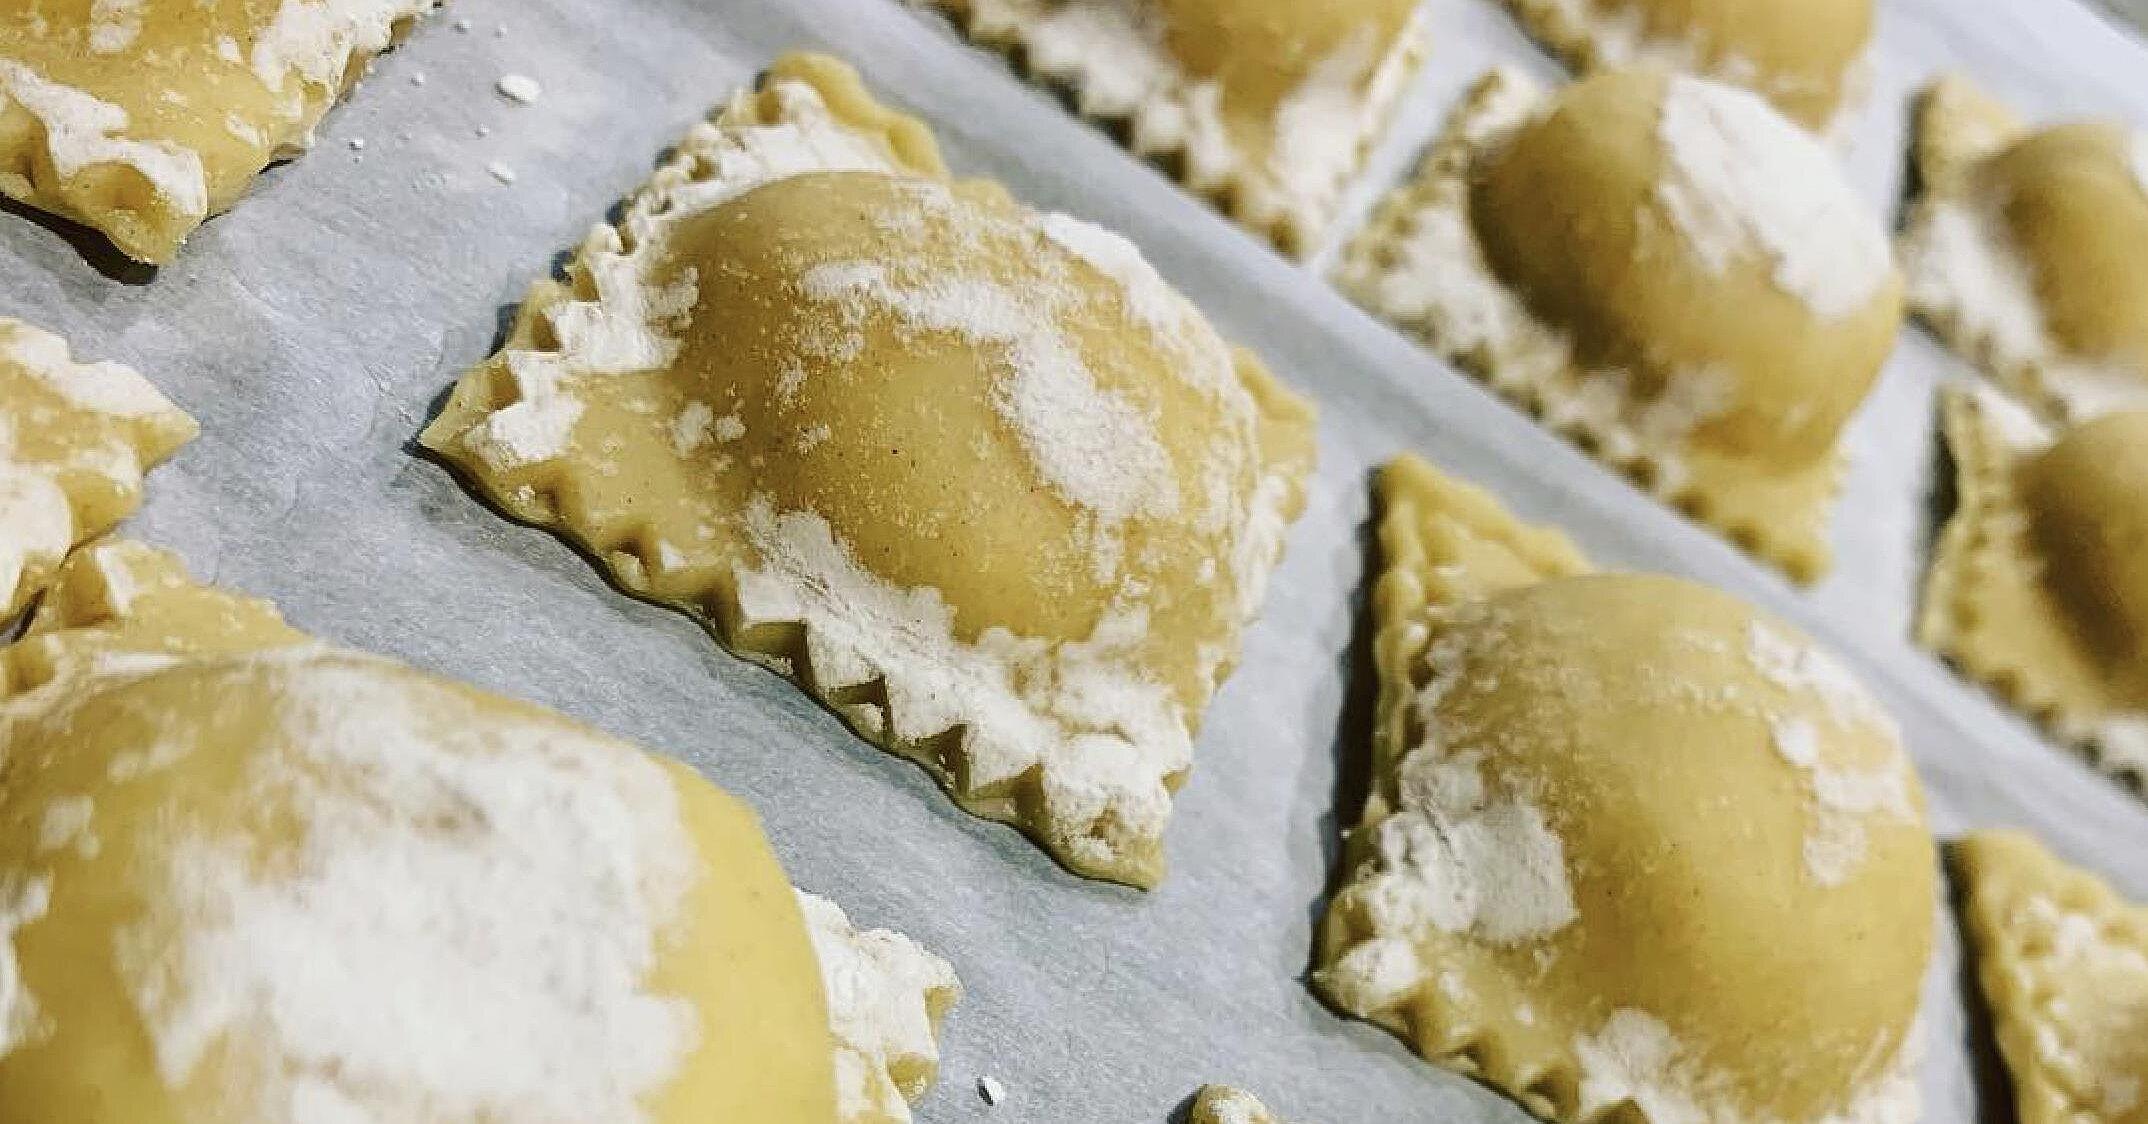 Homemade Four Cheese Ravioli Recipe Allrecipes Com Allrecipes